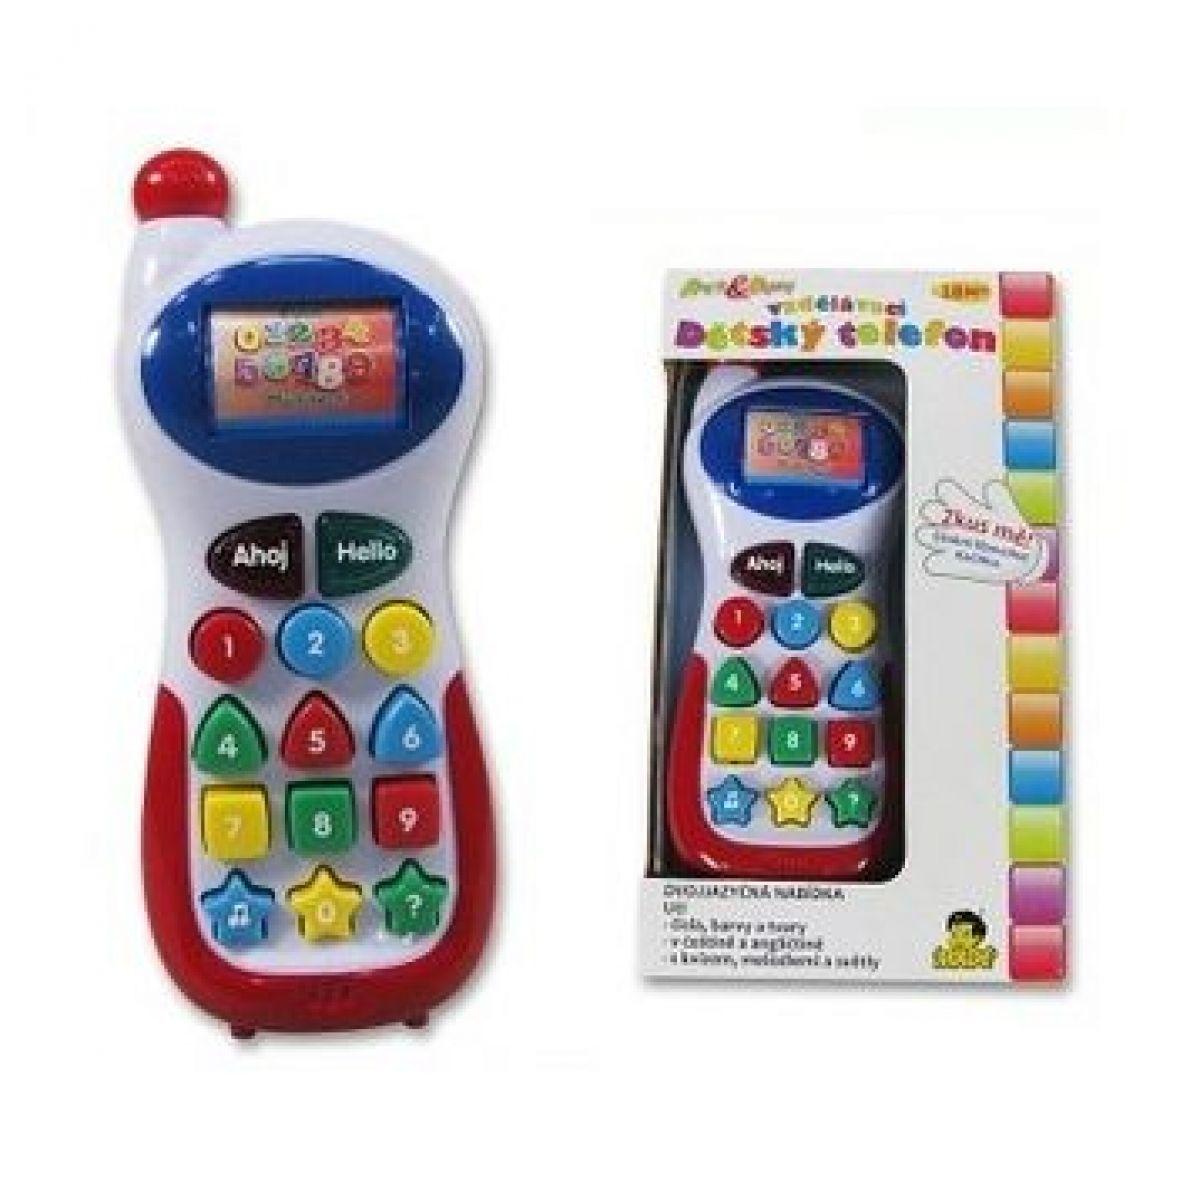 Made Dětský vzdělávací telefon